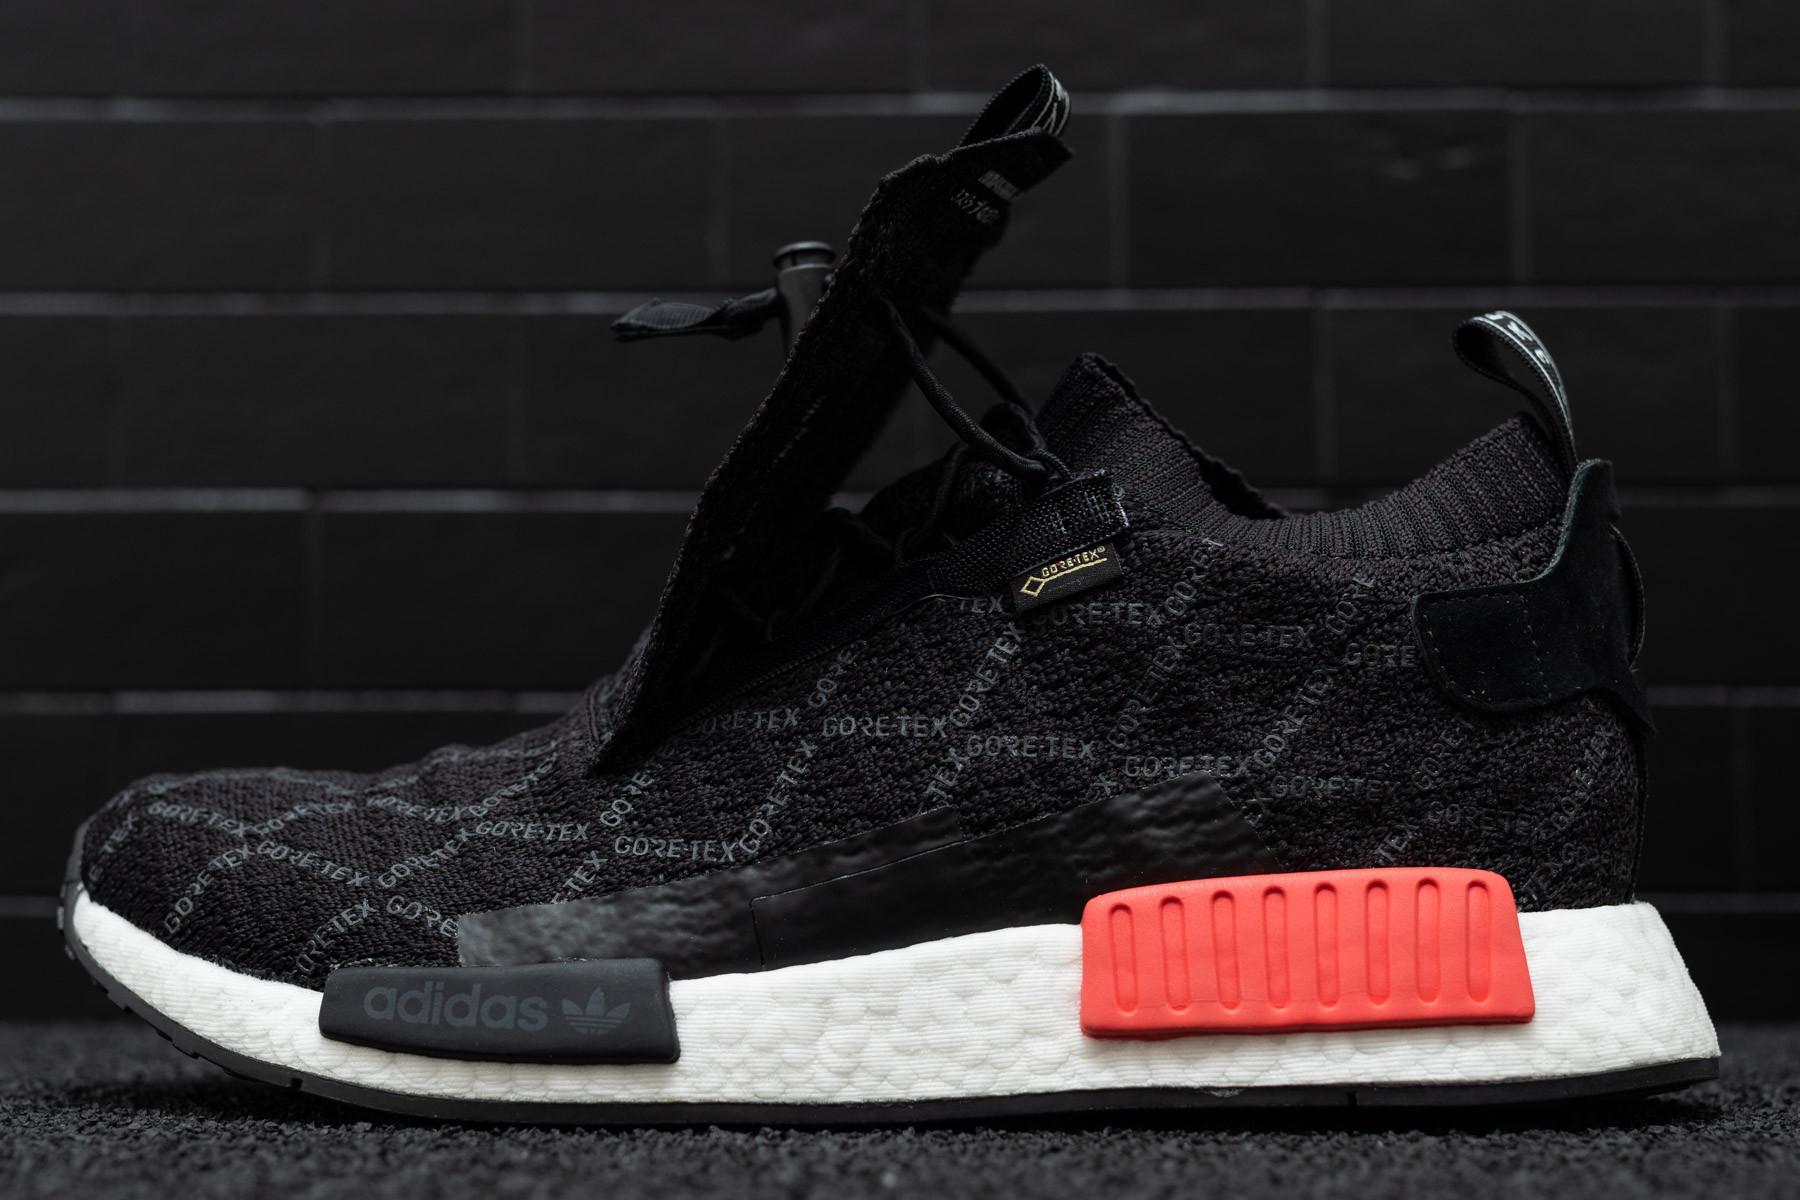 a94d8d3fd Adidas NMD TS1 PK GTX - Sneaker.no